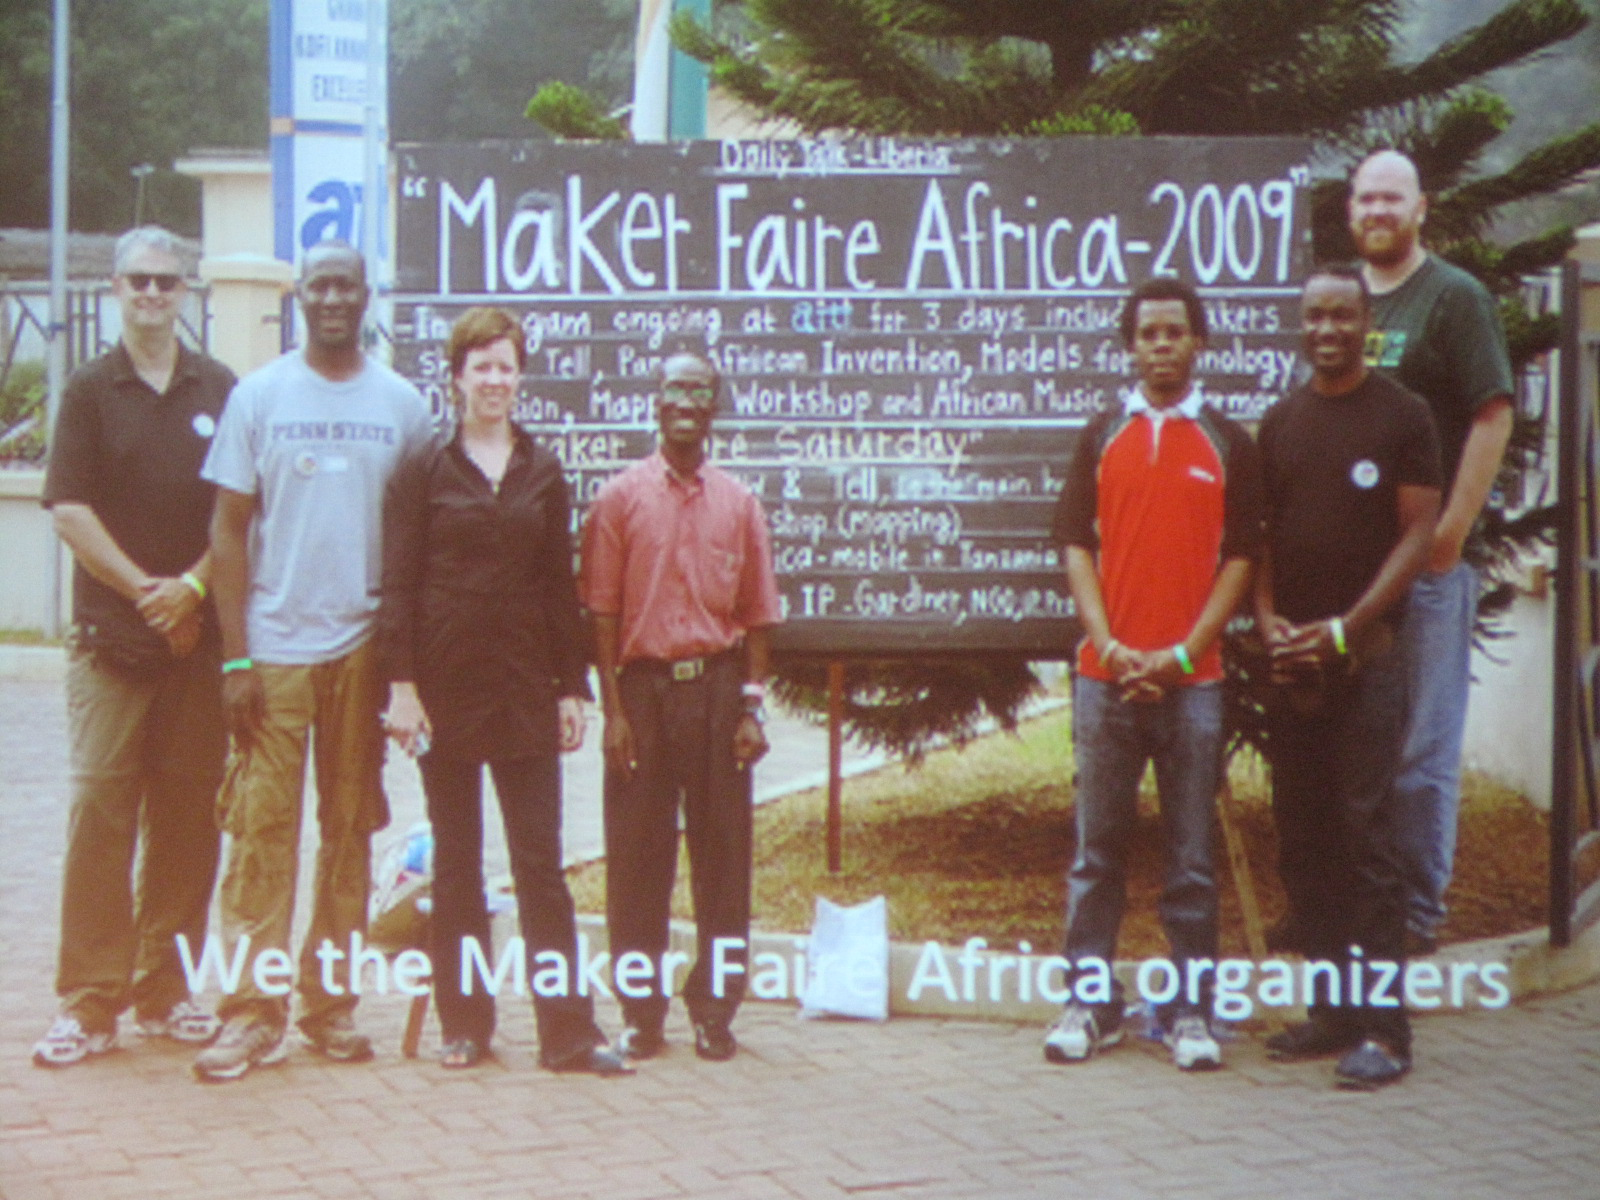 maker faire africa